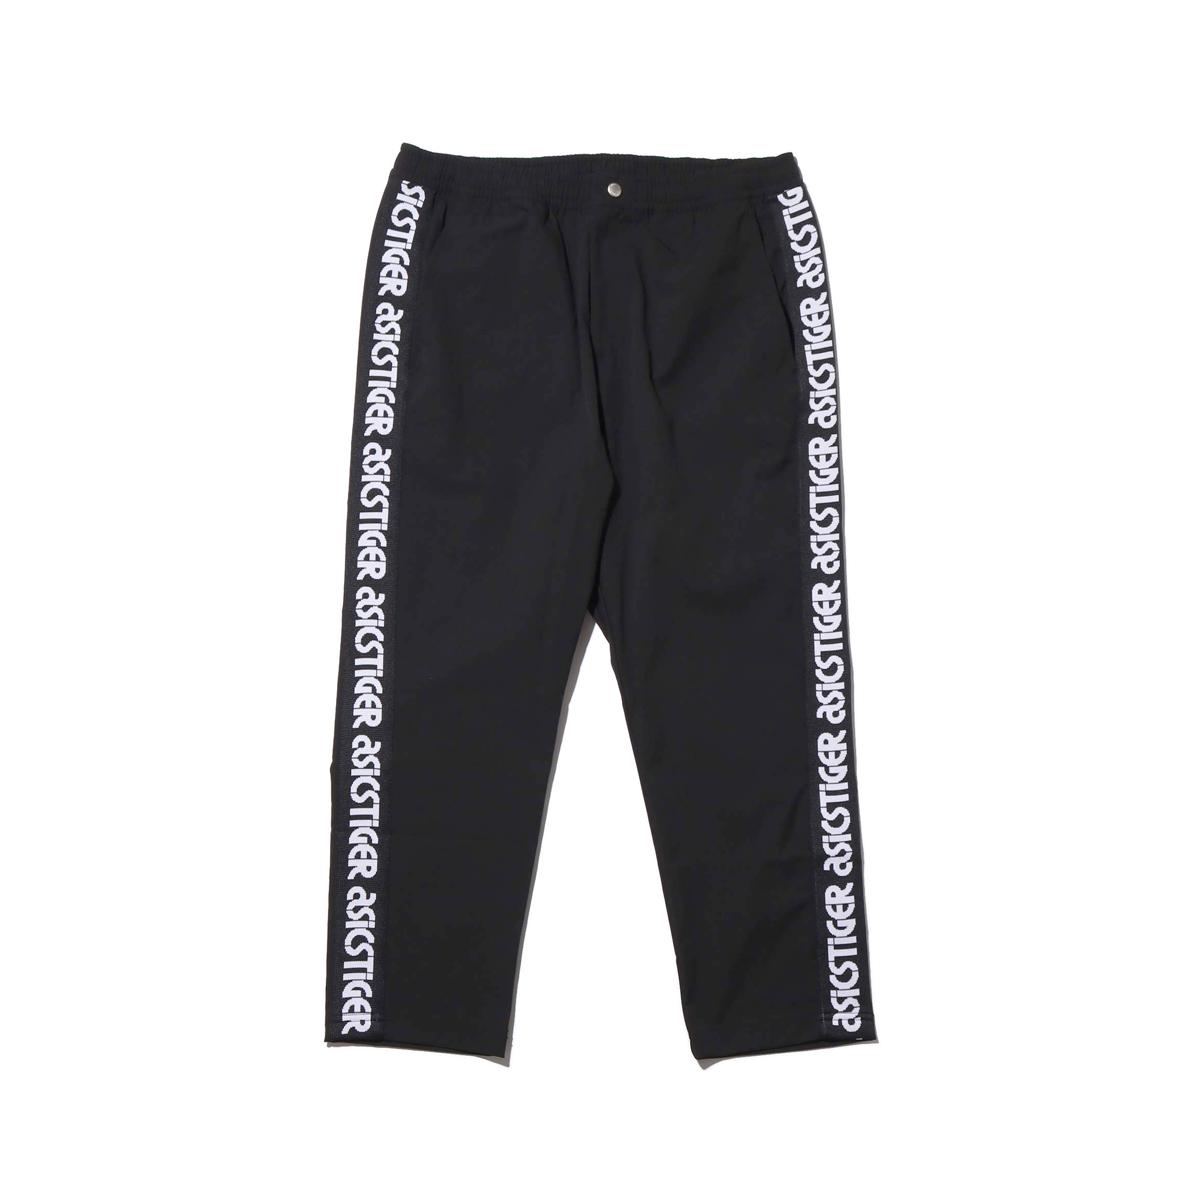 ASICSTIGER LT ST Woven CP Pants(アシックスタイガー LT LS ウーブン CP パンツ)PERFORMANCE BLACK【メンズ レディース パンツ】18FW-I